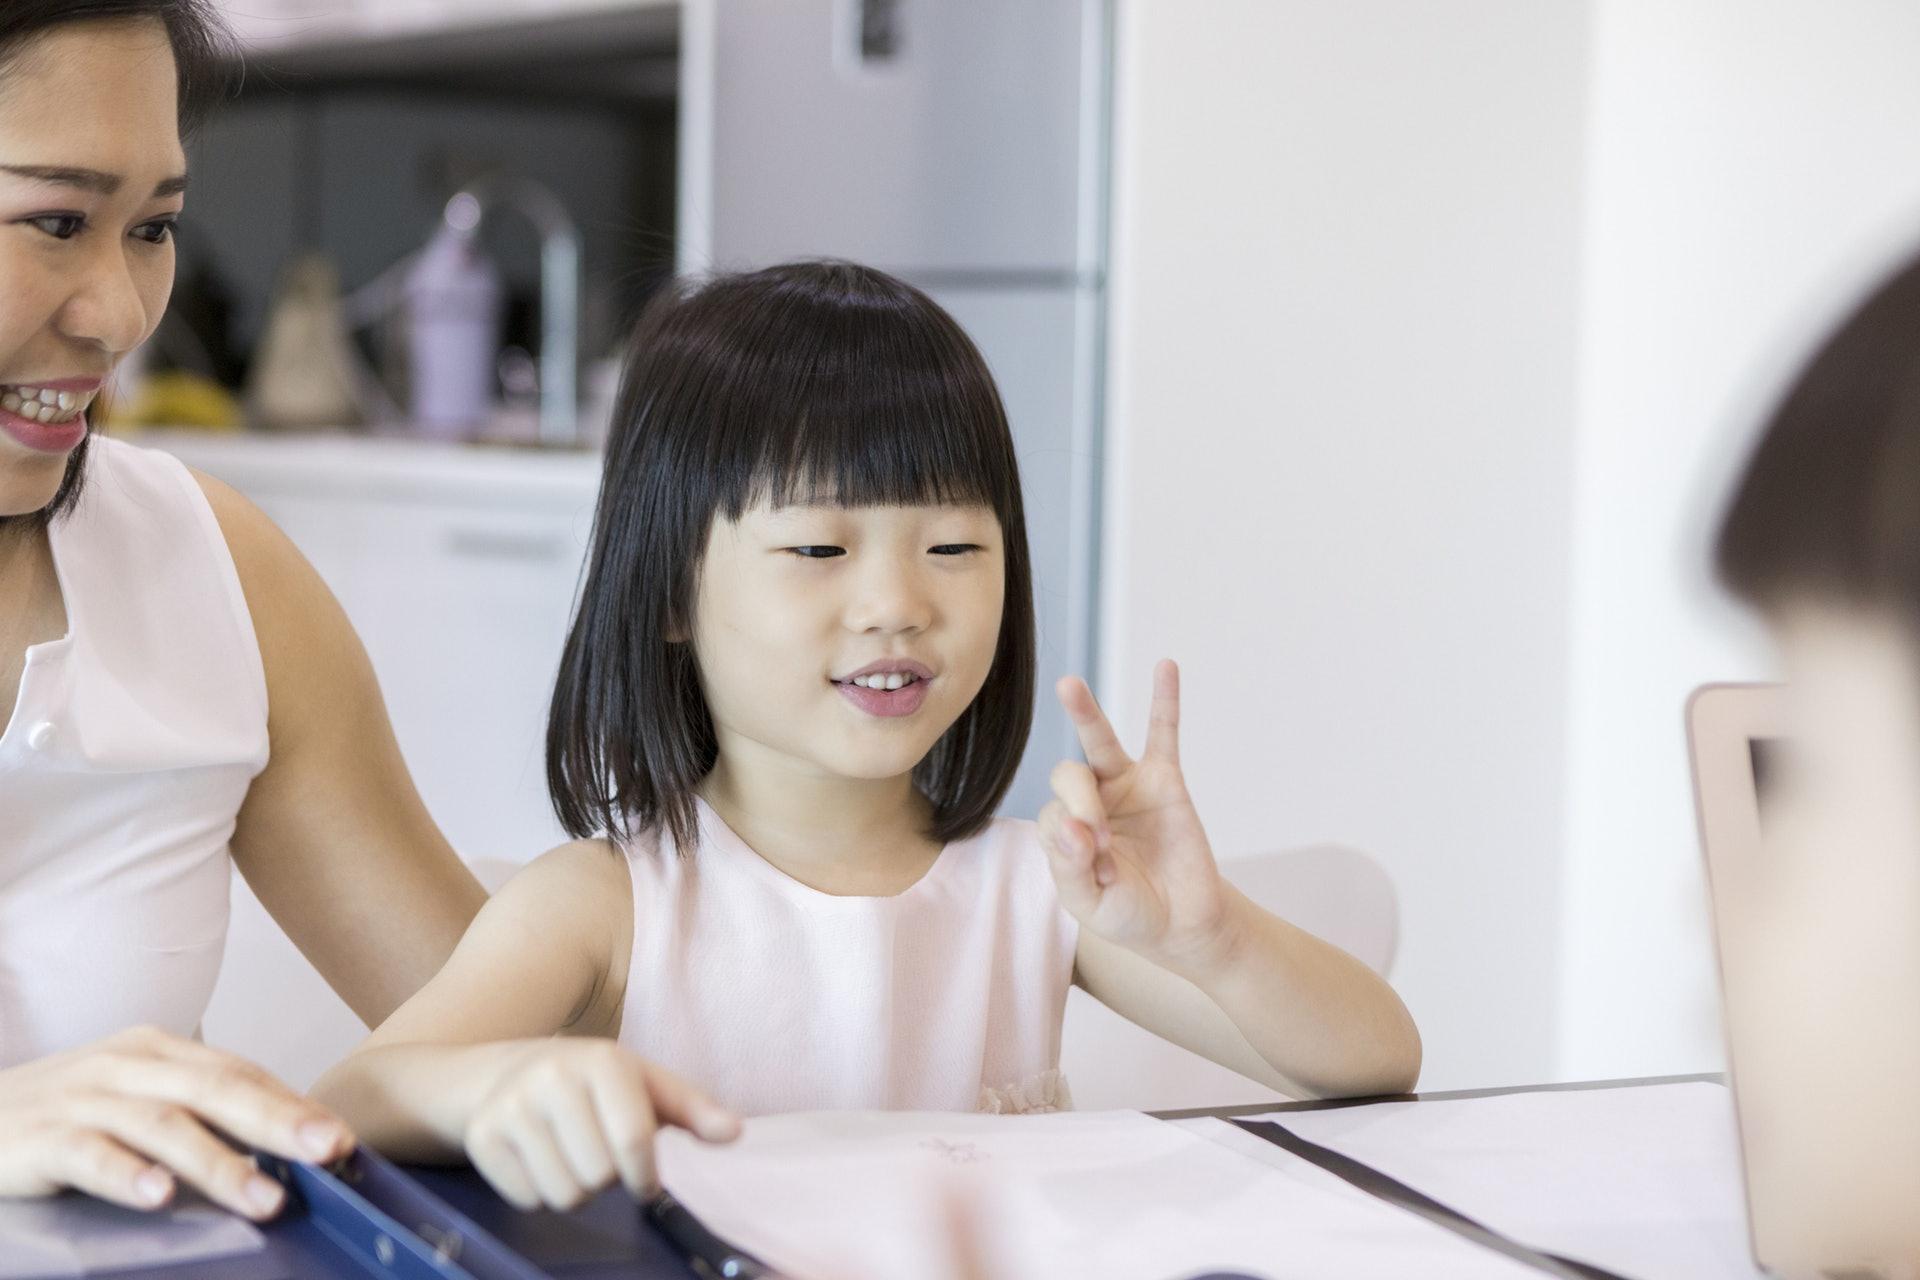 朱子穎建議小朋友電腦螢光幕不要背向照顧者。(getty images)